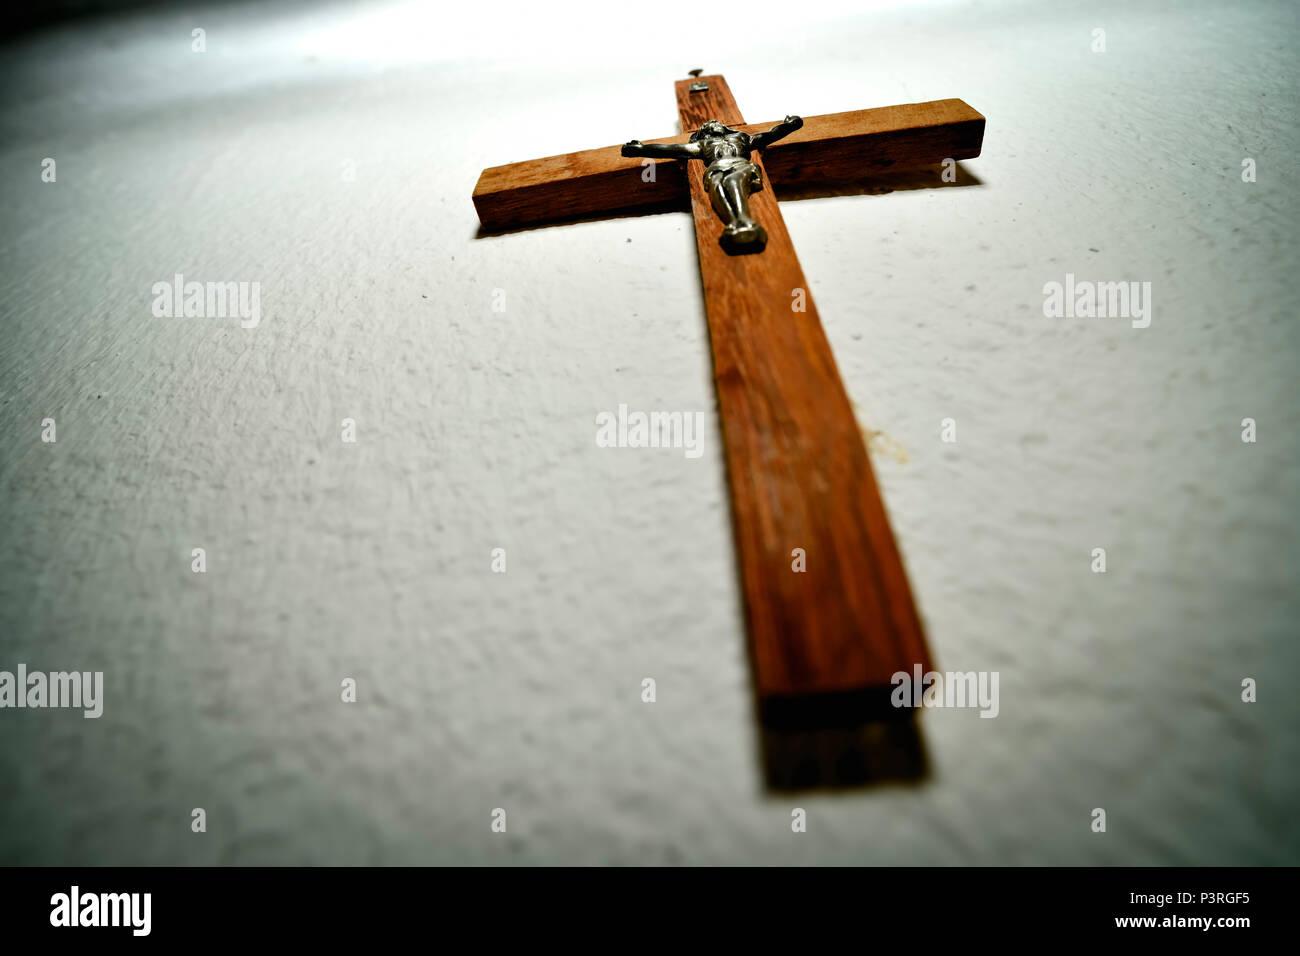 Cross hangs on the wall, Kreuz hängt an der Wand - Stock Image